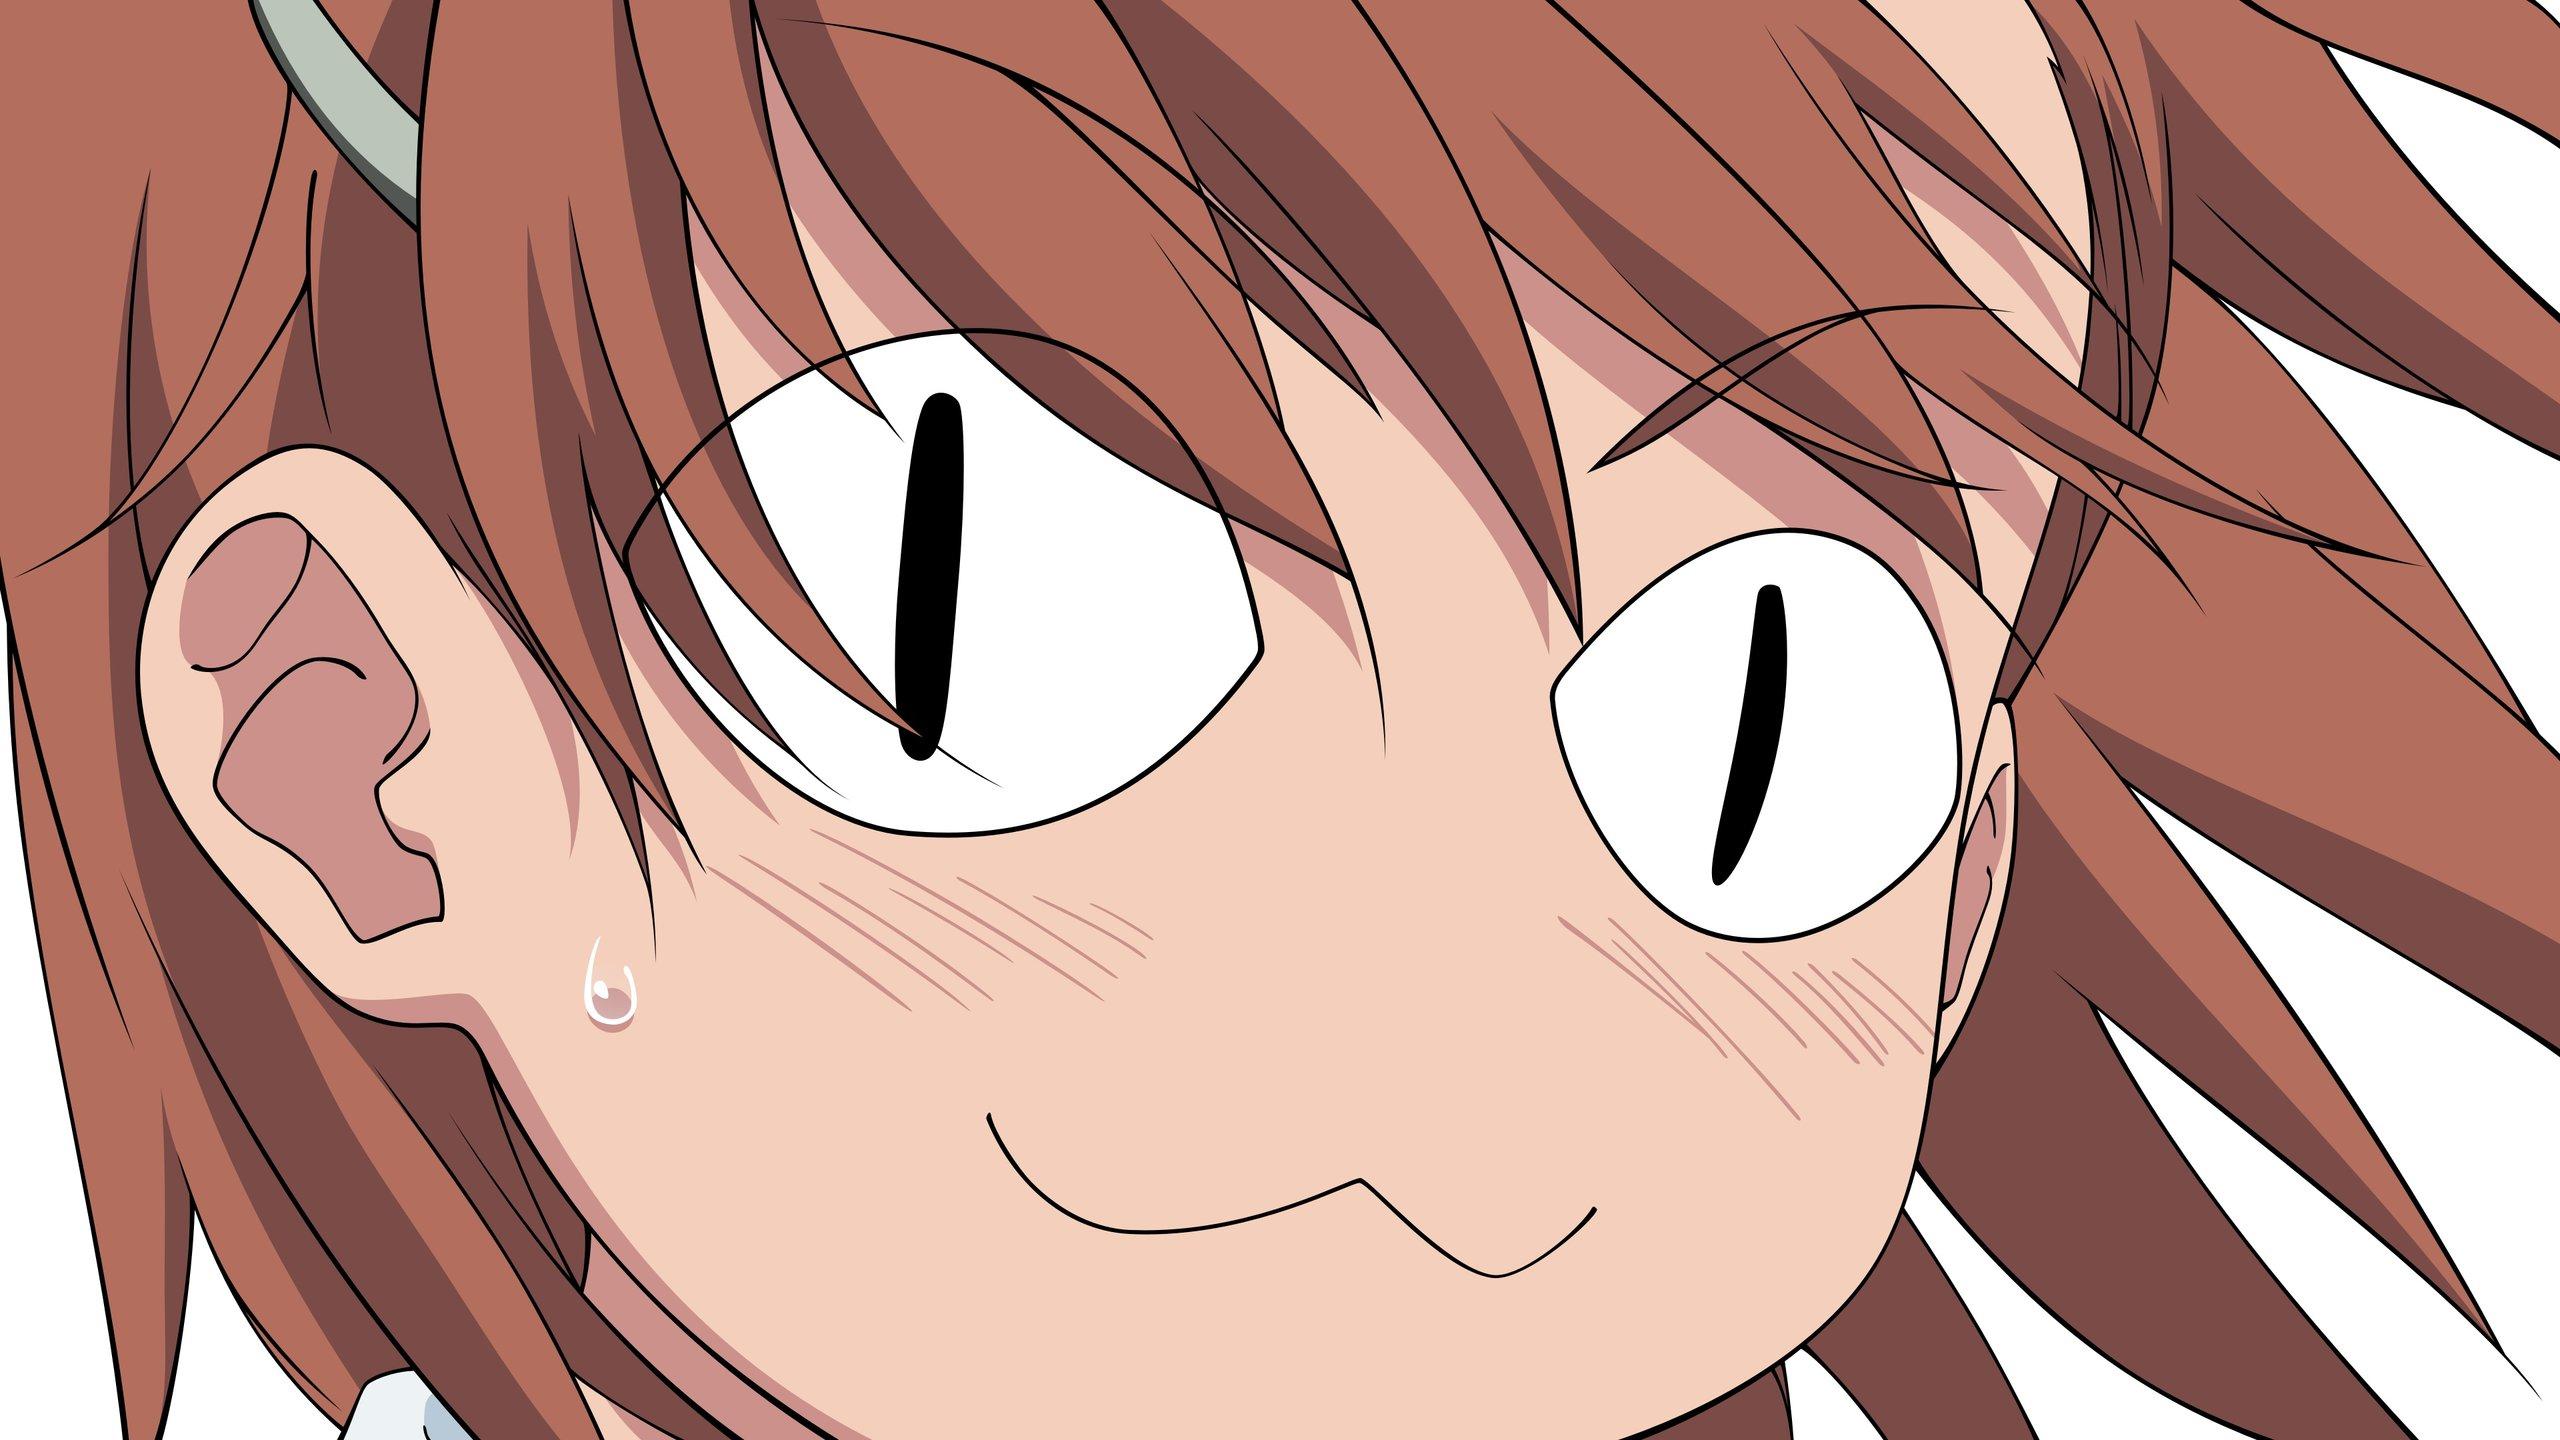 Картинки смешных аниме персонажей, лучшему